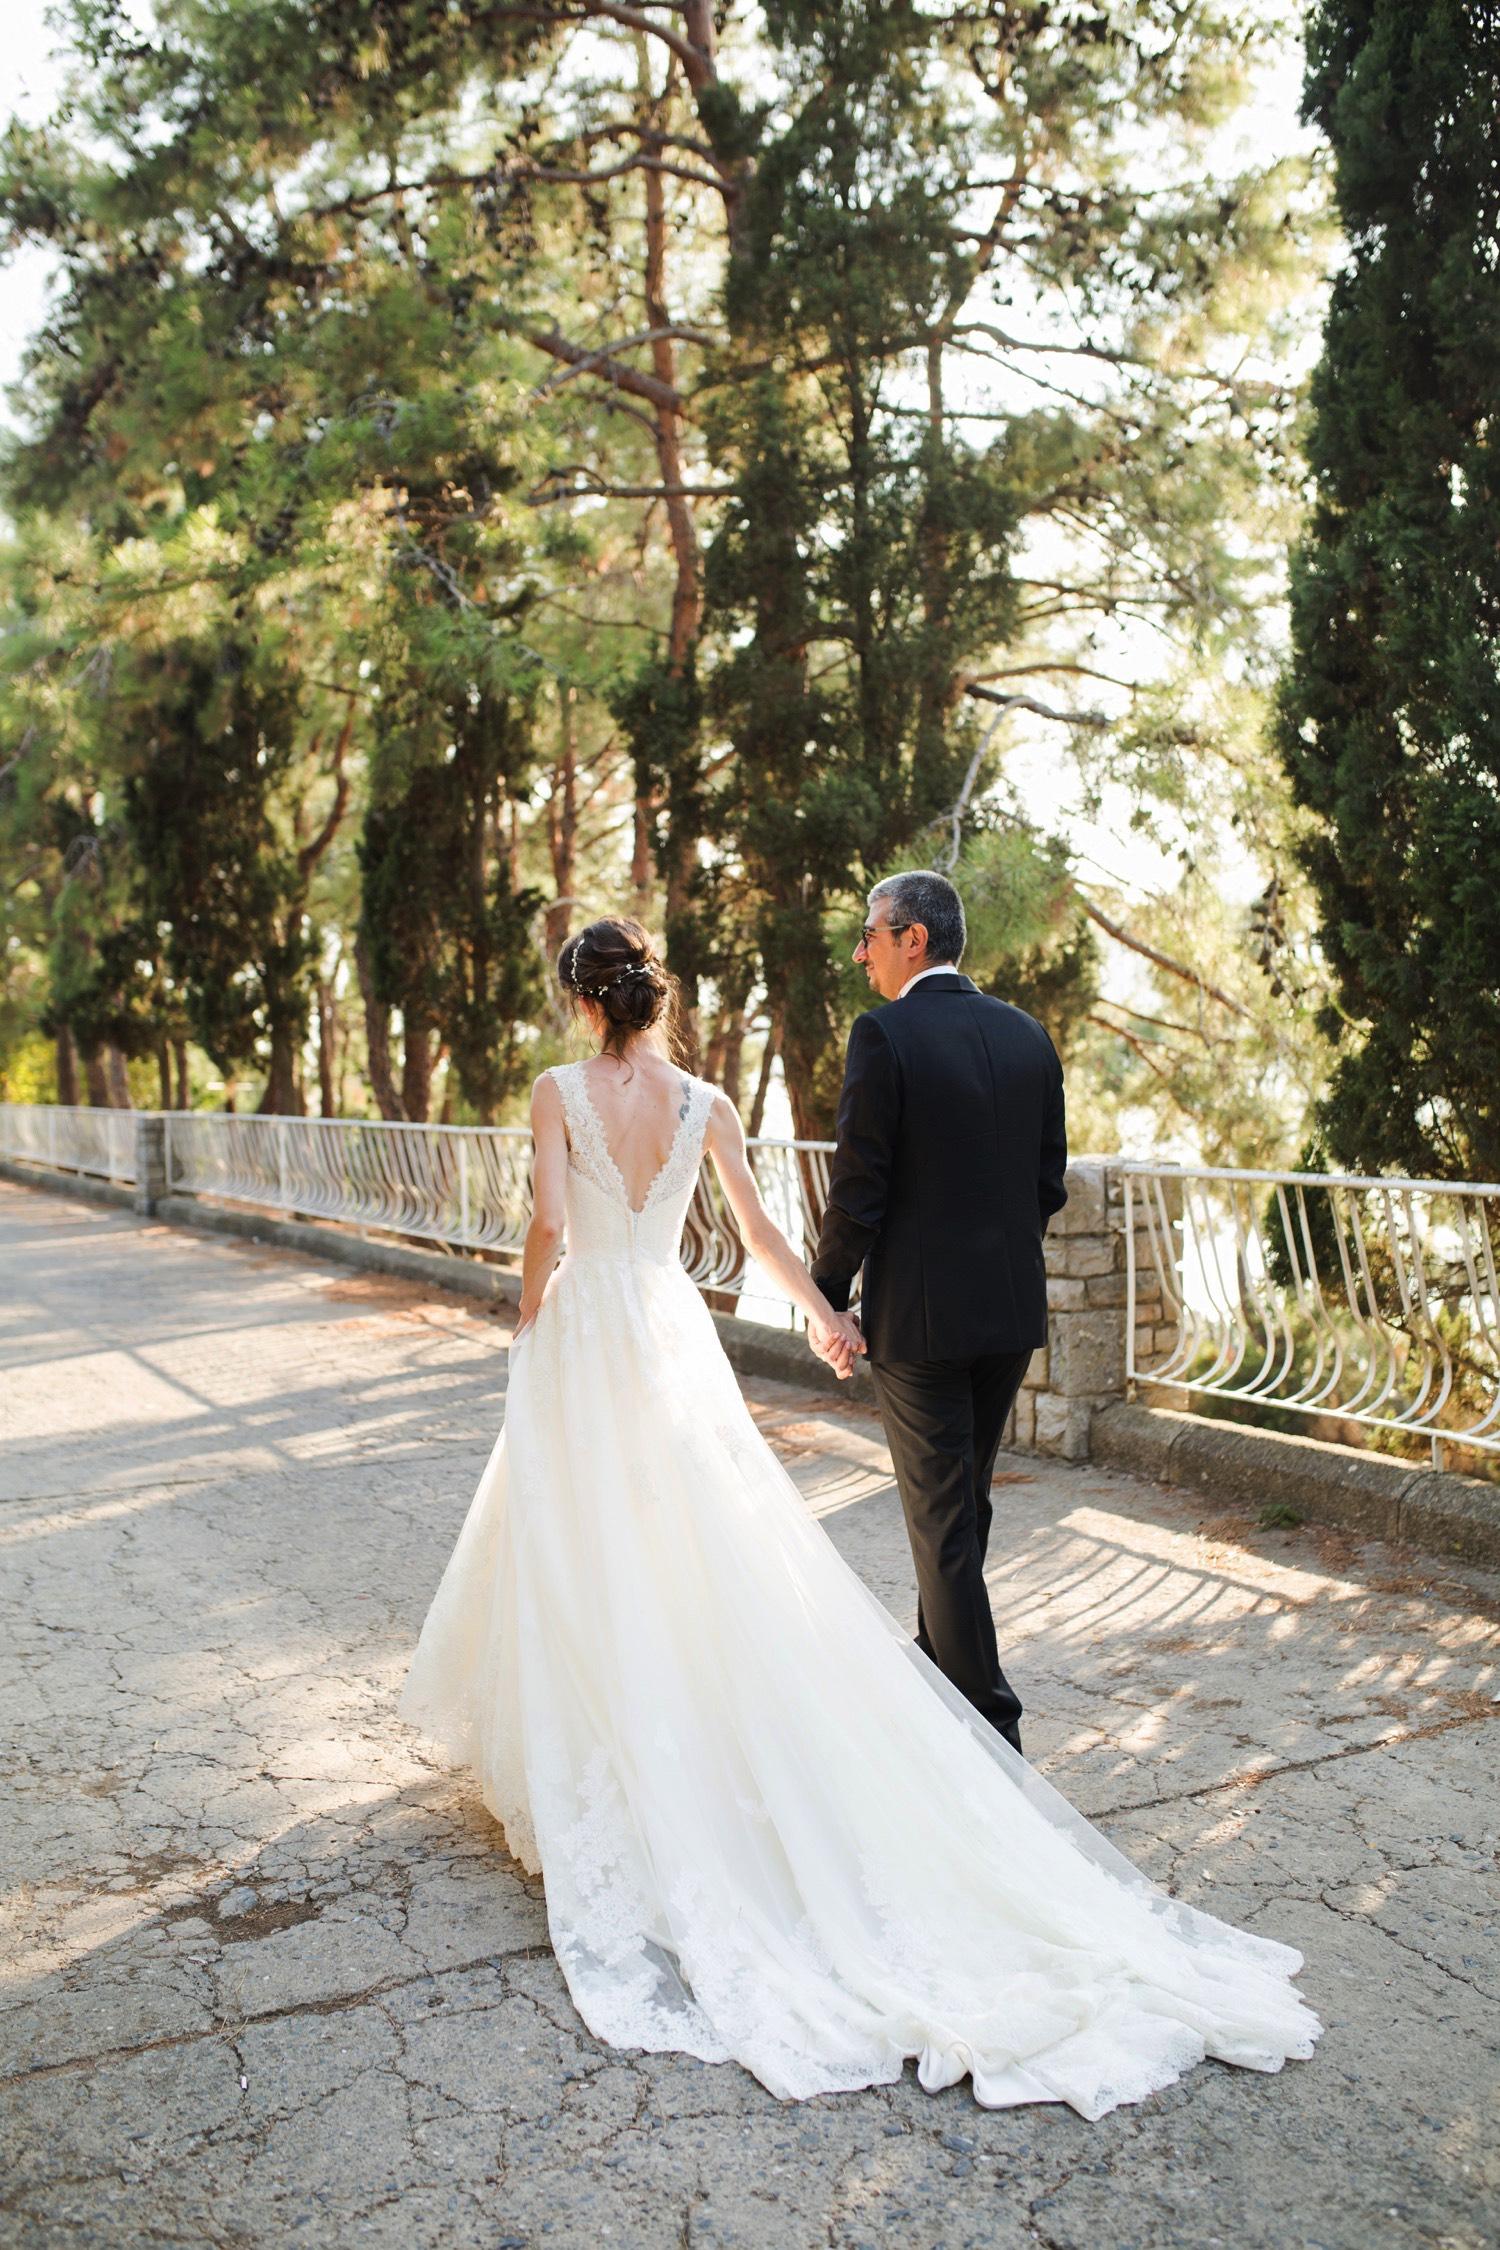 0000000021_8G0A4300-2 copy_photographer_fotoğrafçı_istanbul_düğün_fotoğrafçısı_dış_bursa_çekim_wedding